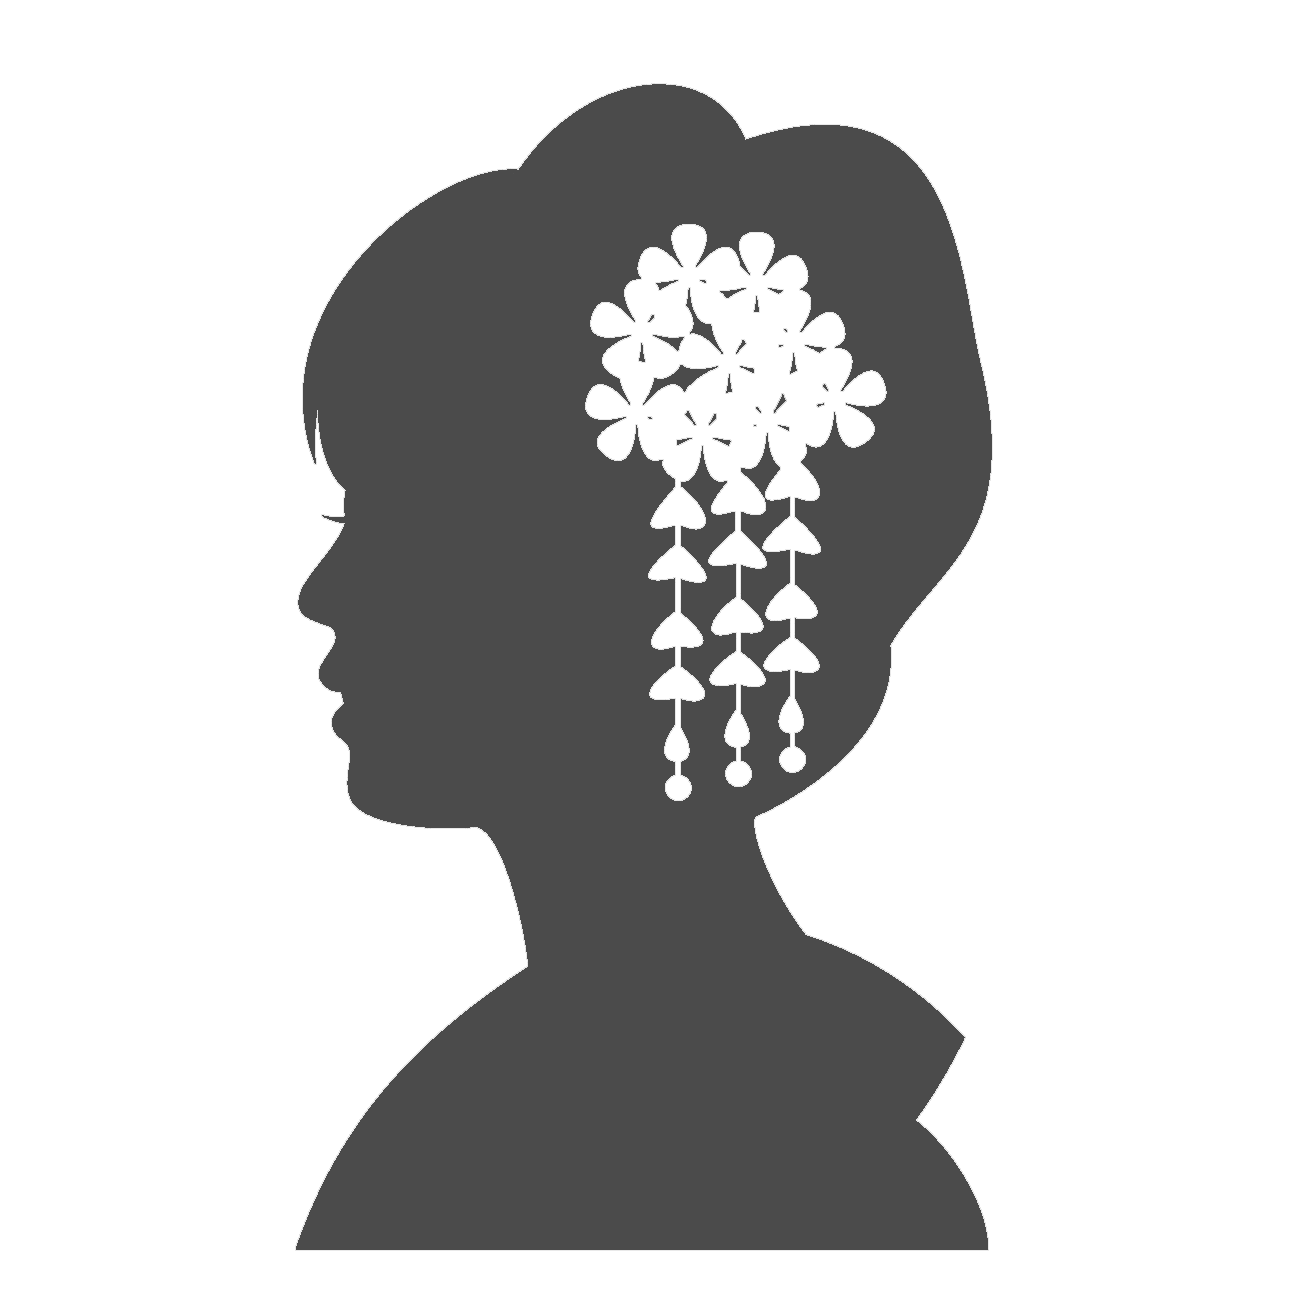 花の髪飾りをつけた女性の横顔のシルエット